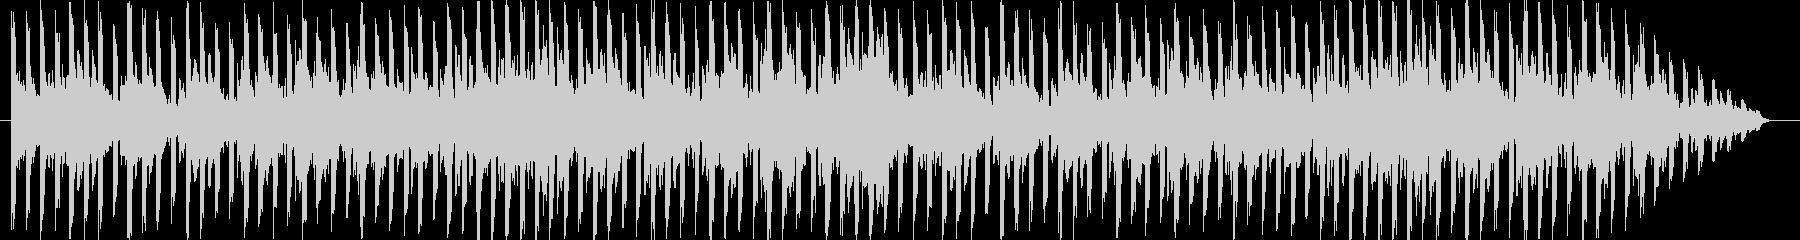 ポップでポジティブなメロディーで素...の未再生の波形